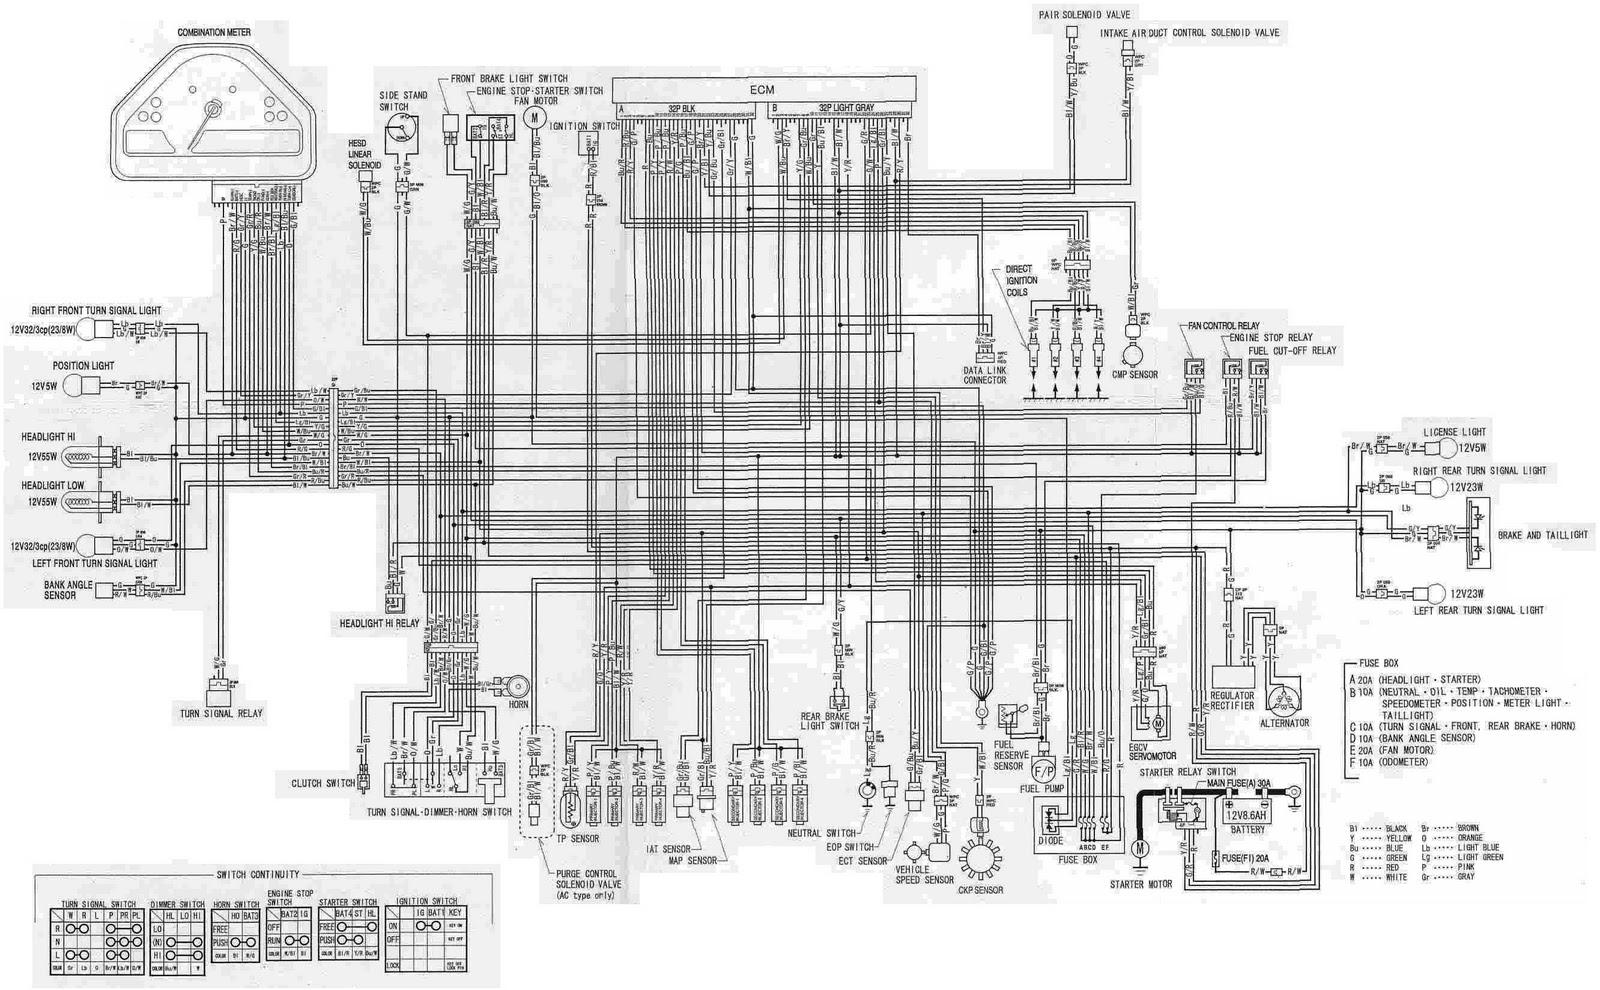 er_1642] 2007 cbr1000rr wiring diagram  ntnes throp perm vira mohammedshrine librar wiring 101